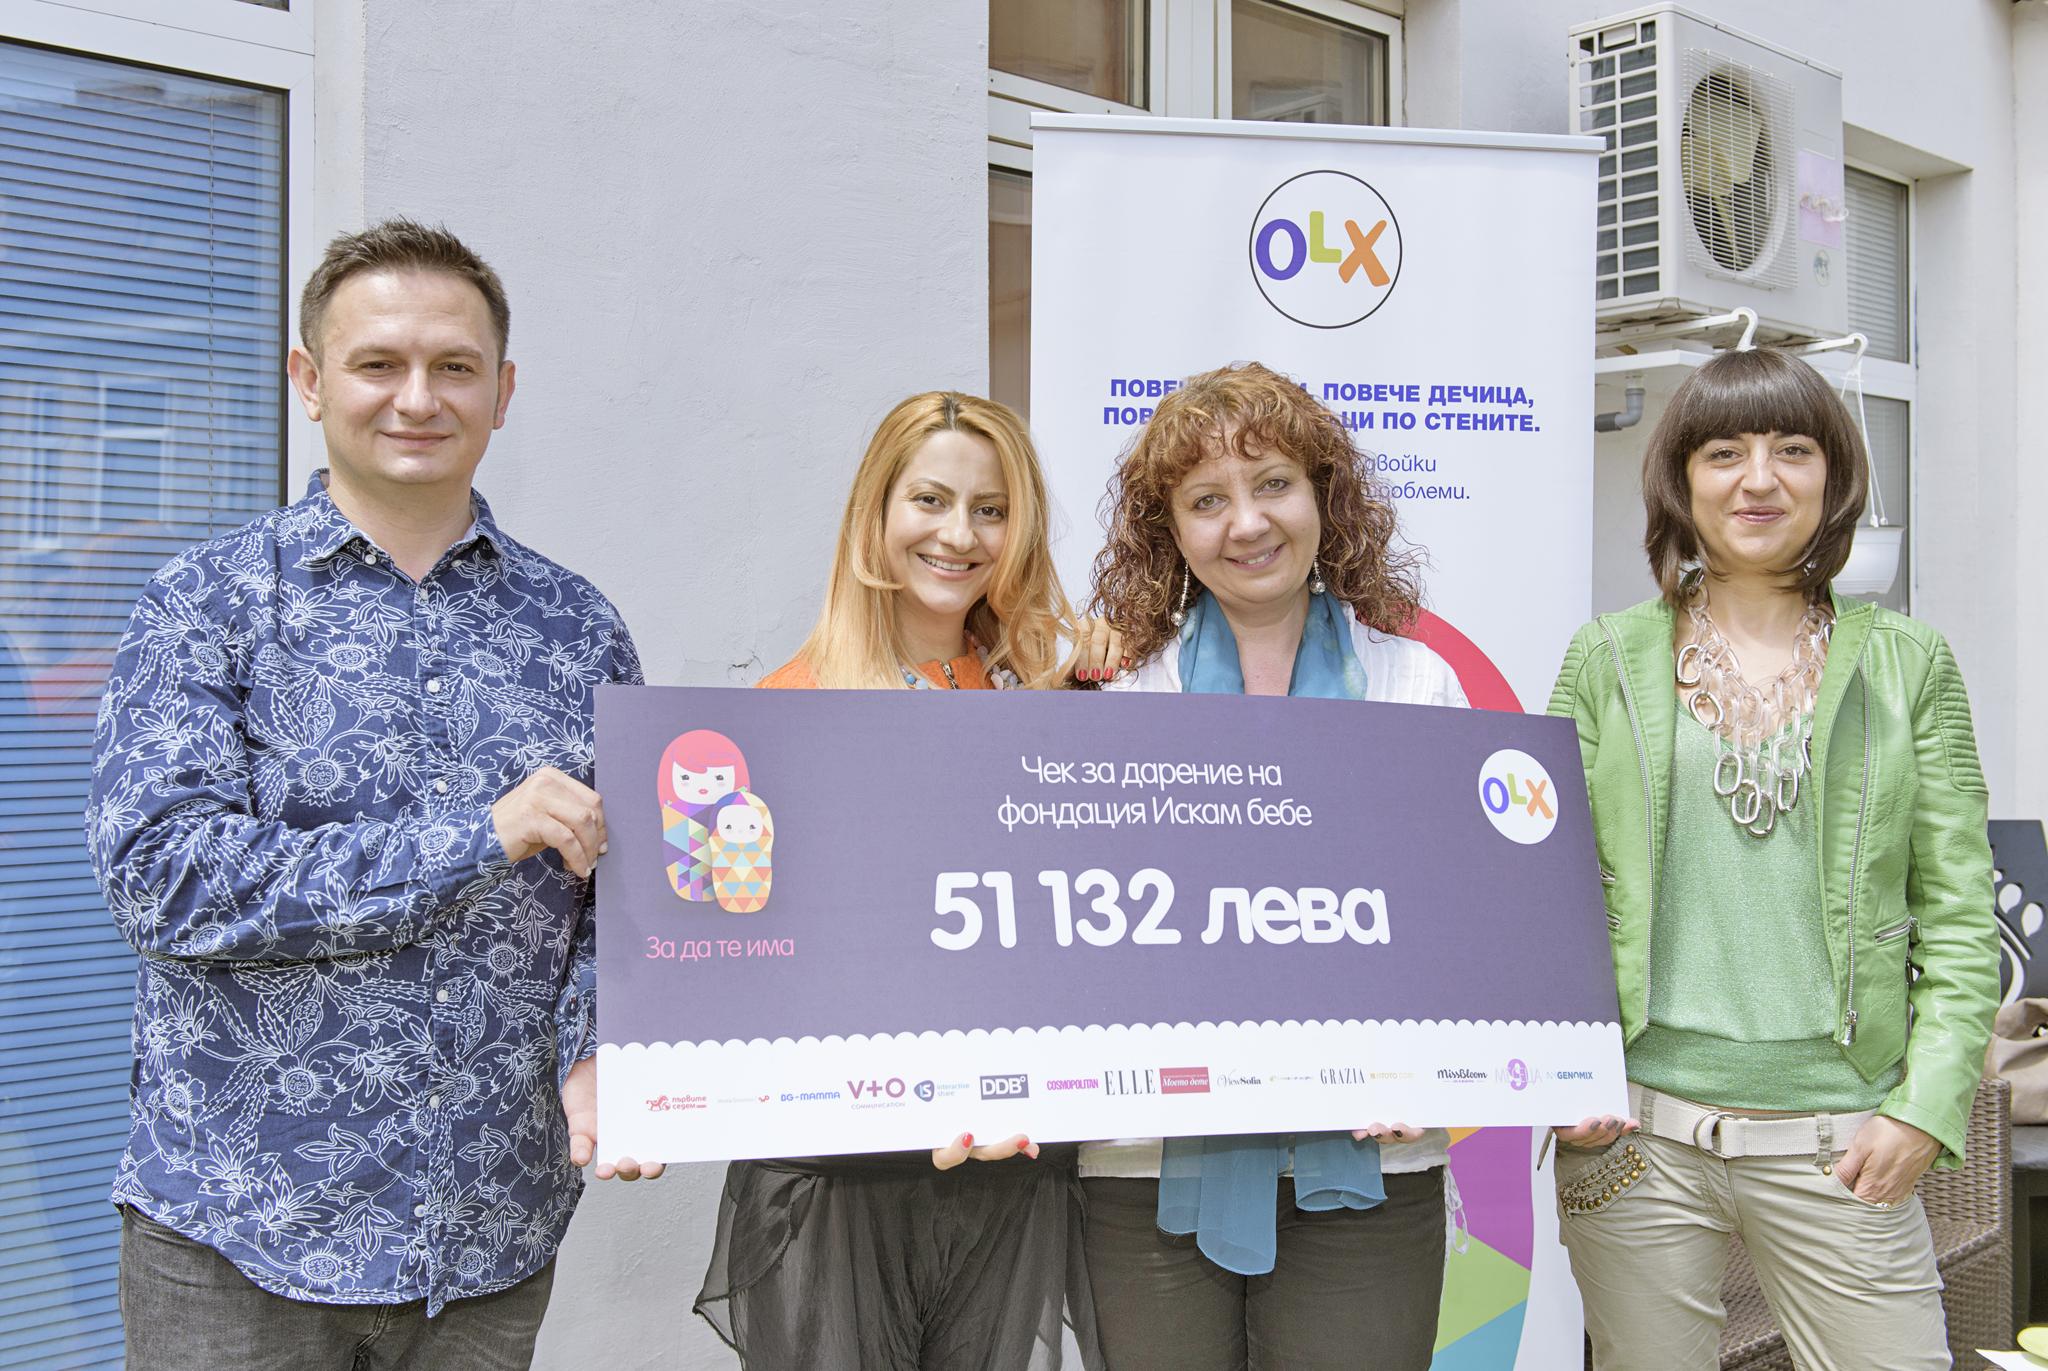 """Дарителската кампания """"За да те има"""" на OLX и фондация """"Искам бебе"""" събра 51 132 лв."""